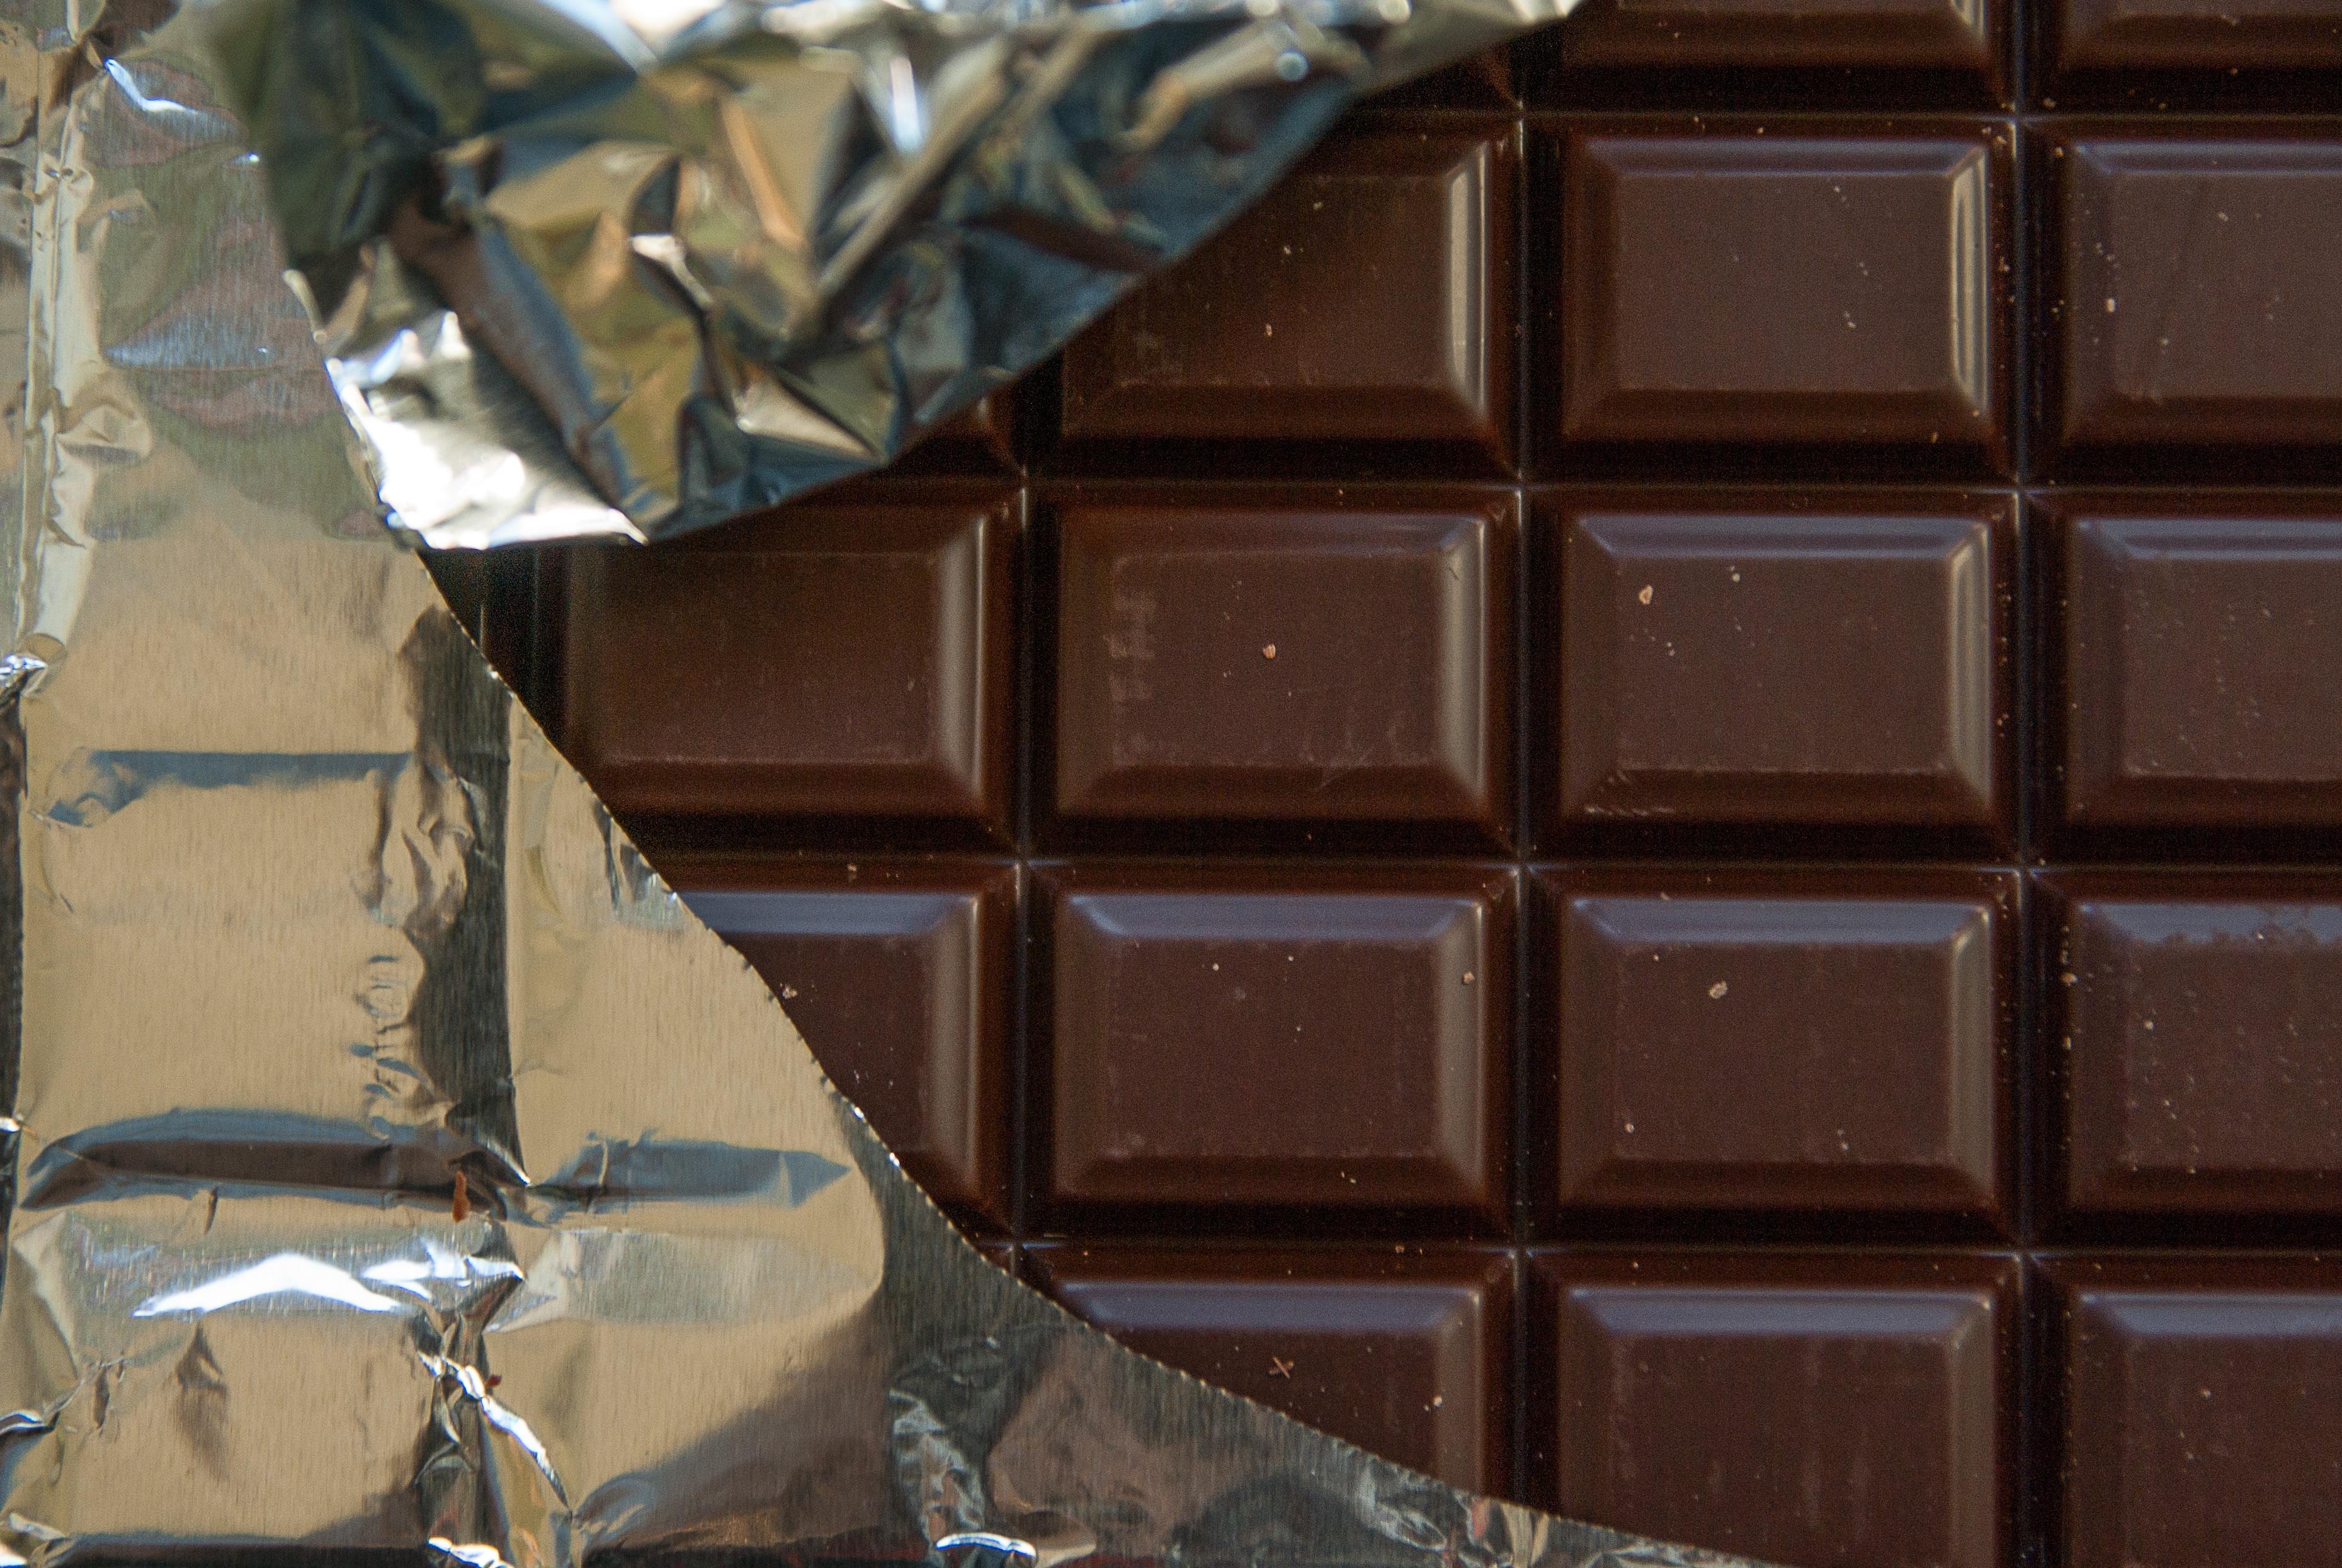 Beneficios del chocolate puro. Tableta de chocolate oscuro